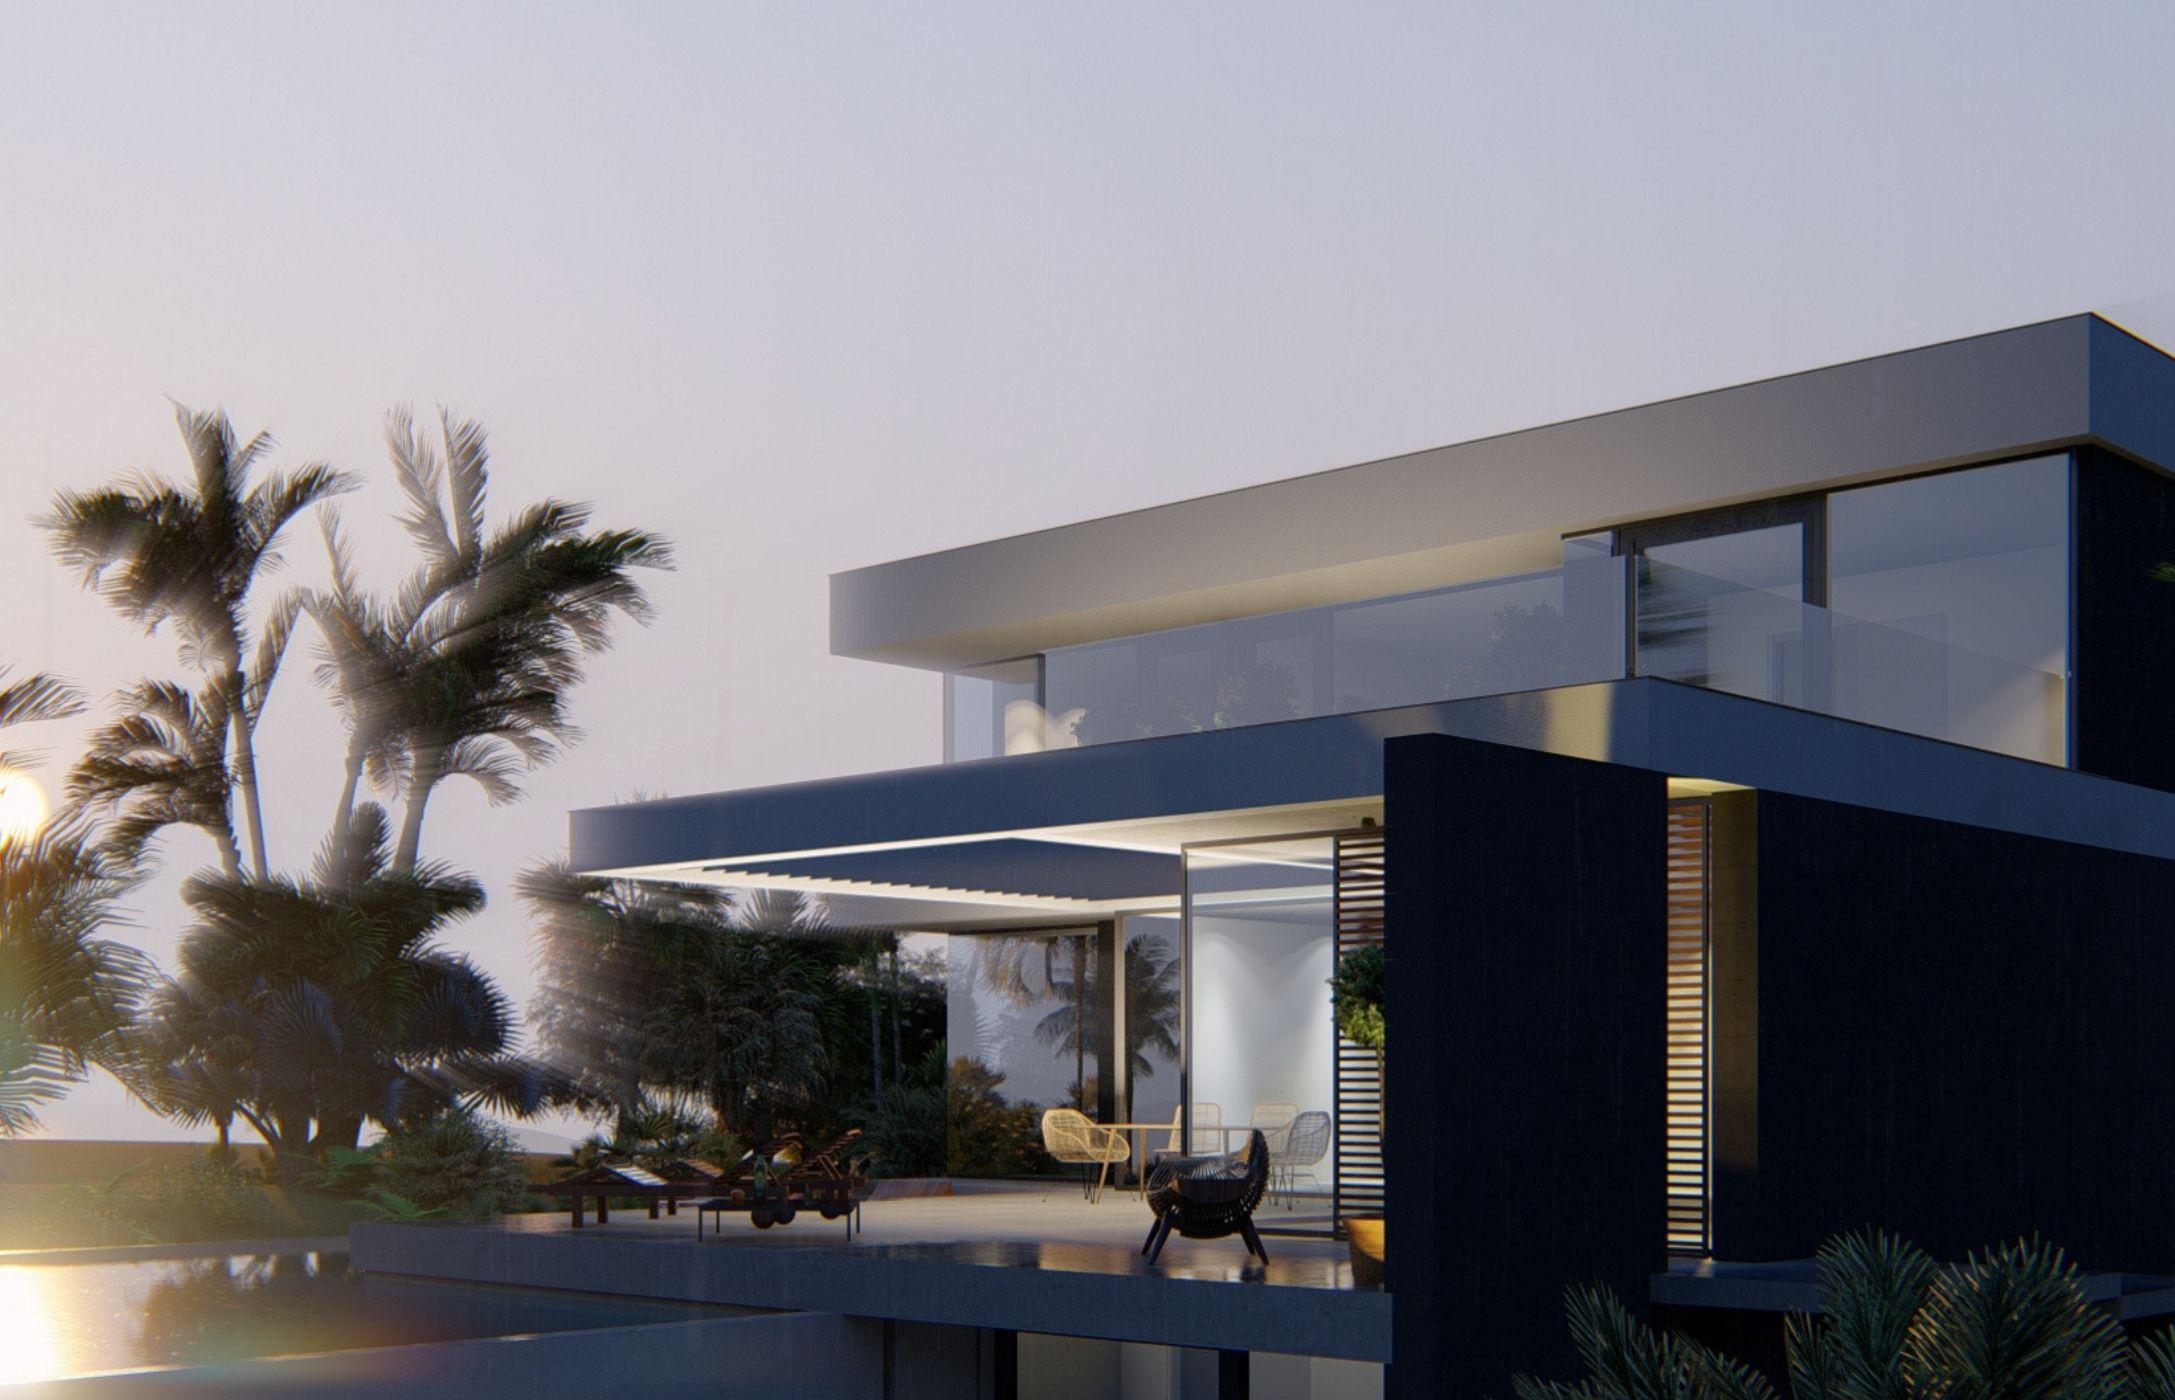 Vivienda unifamiliar + piscina en Urb La Alcaidesa (Málaga). Un proyecto de FH2L Arquitectos